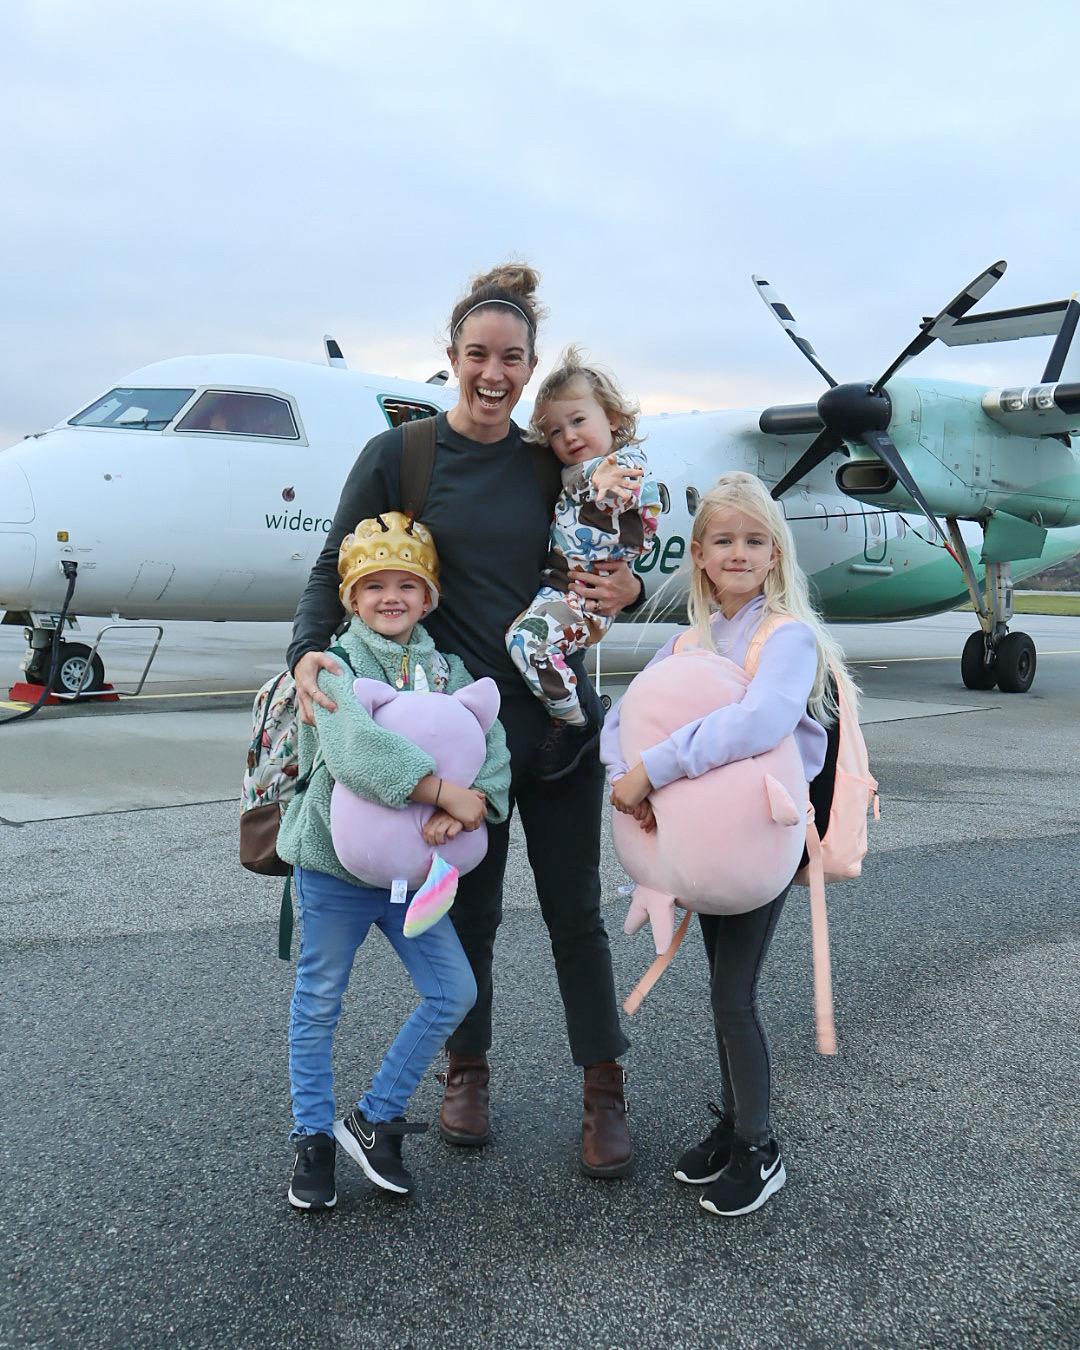 The Flying Dutch Family - 3 maanden Noorwegen en 1 week Nederland